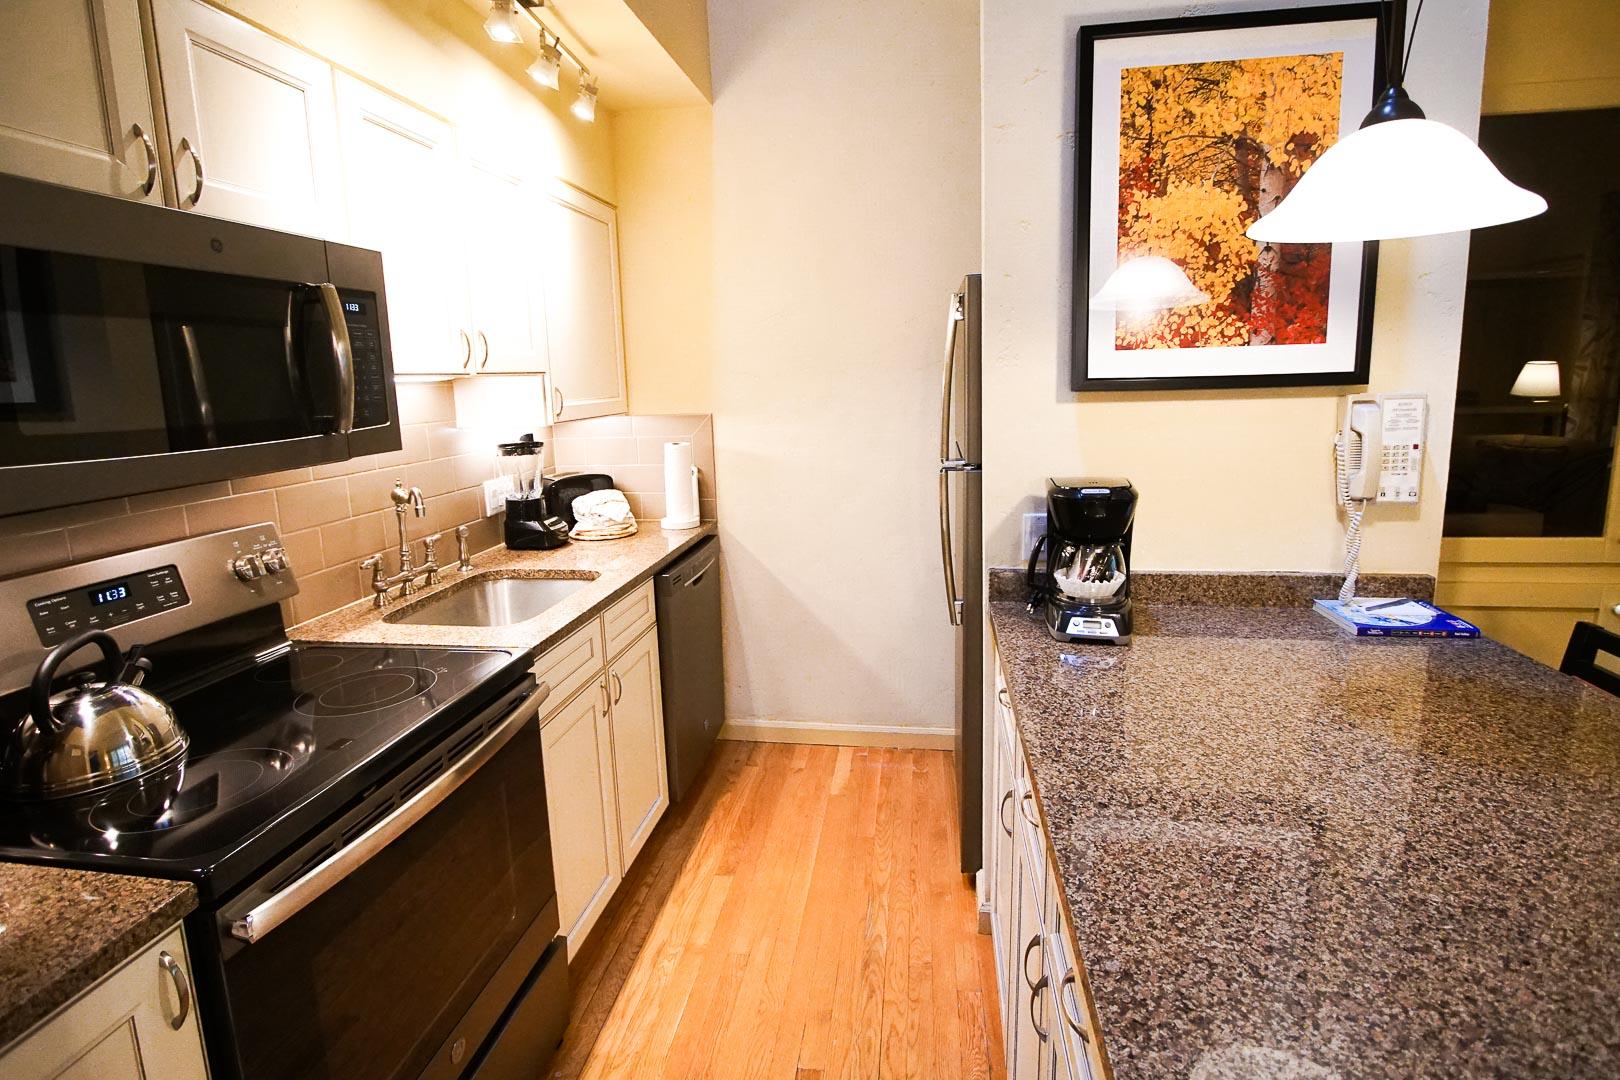 A modernized kitchen area at VRI's Aspen at Streamside in Colorado.